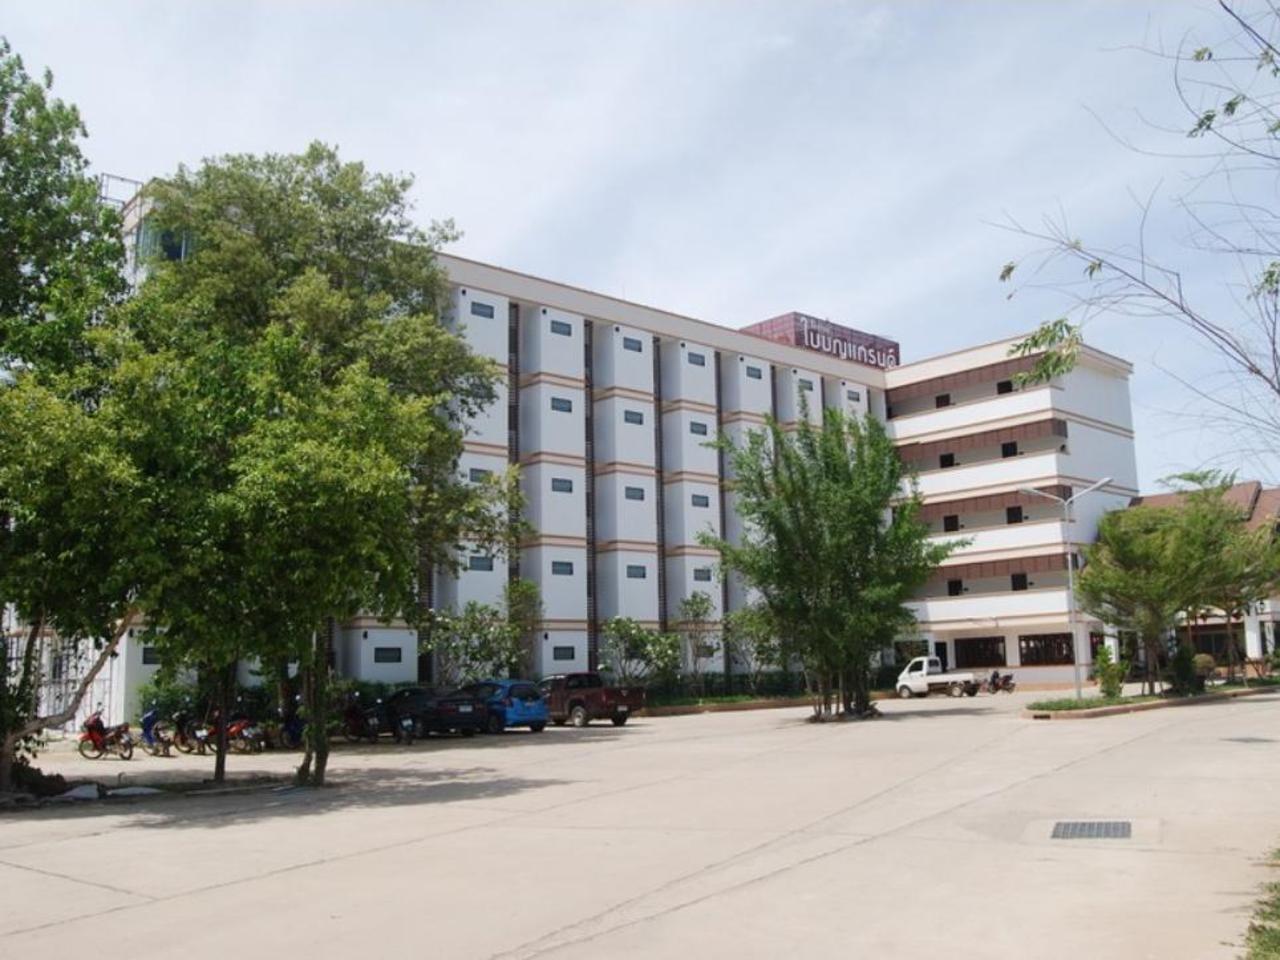 โรงแรมใบบุญ แกรนด์ (Baiboon Grand Hotel)